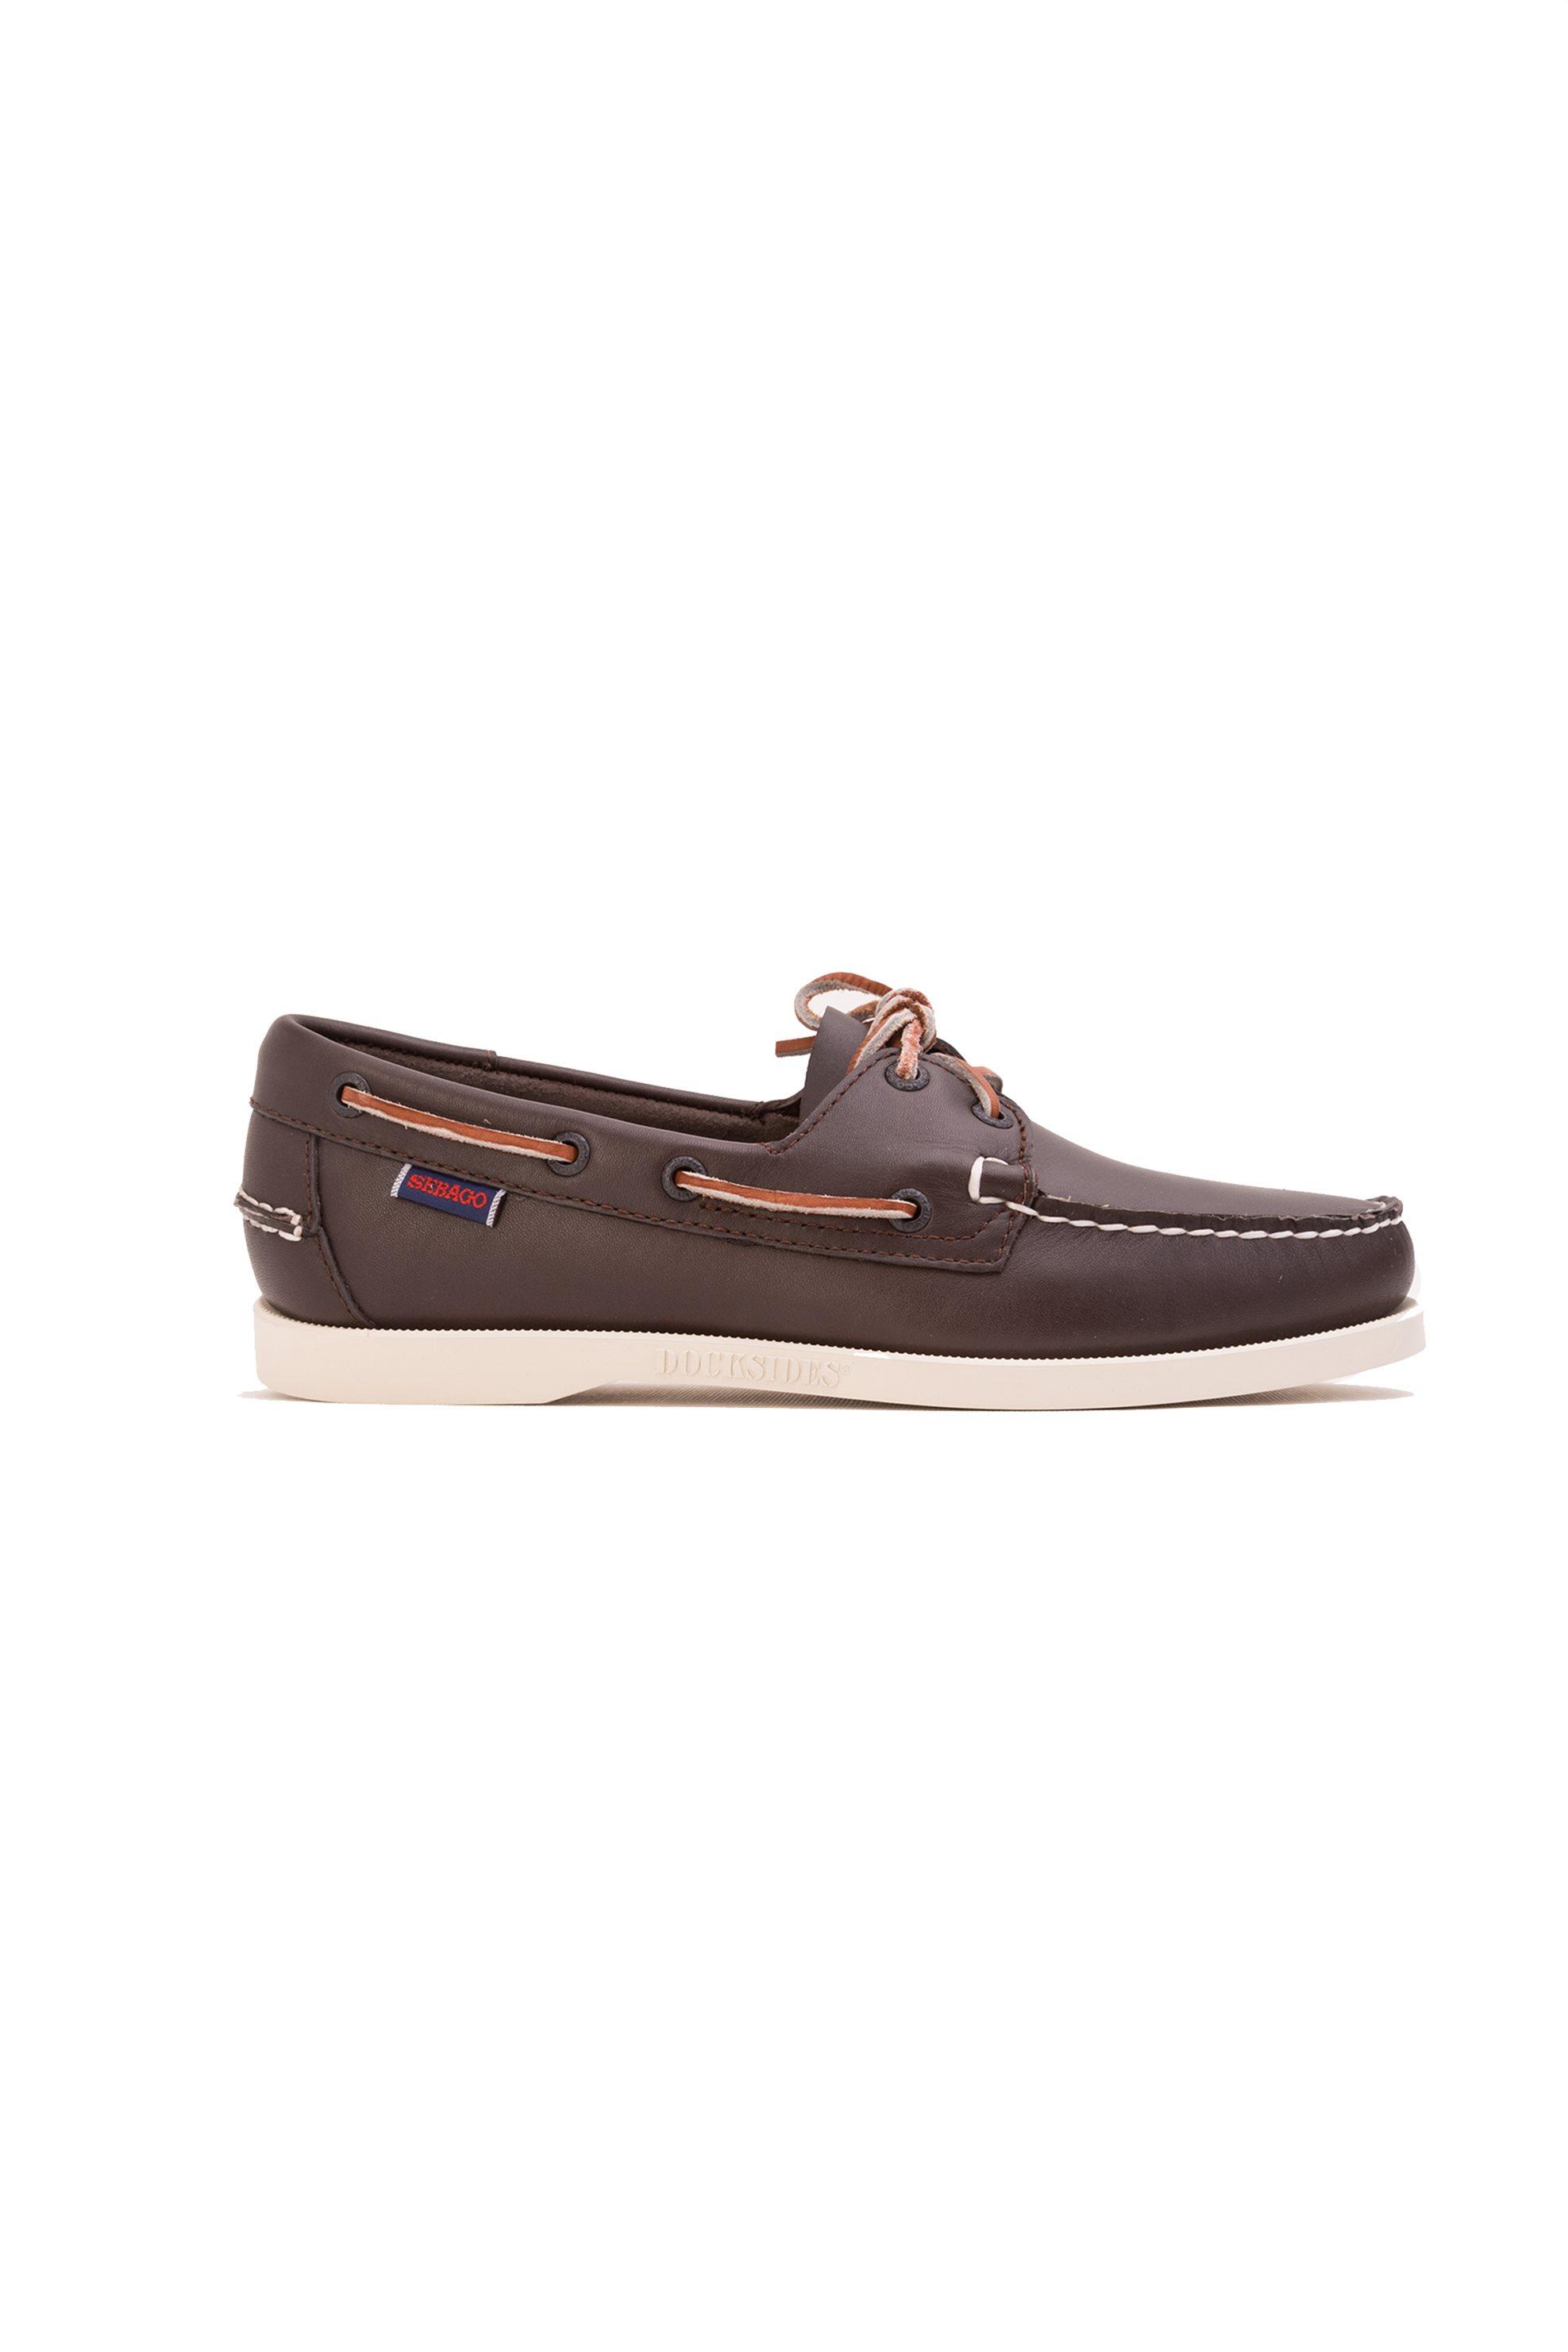 Ανδρικά παπούτσια boats Sebago - B72753-** - Καφέ ανδρασ   παπουτσια   boats